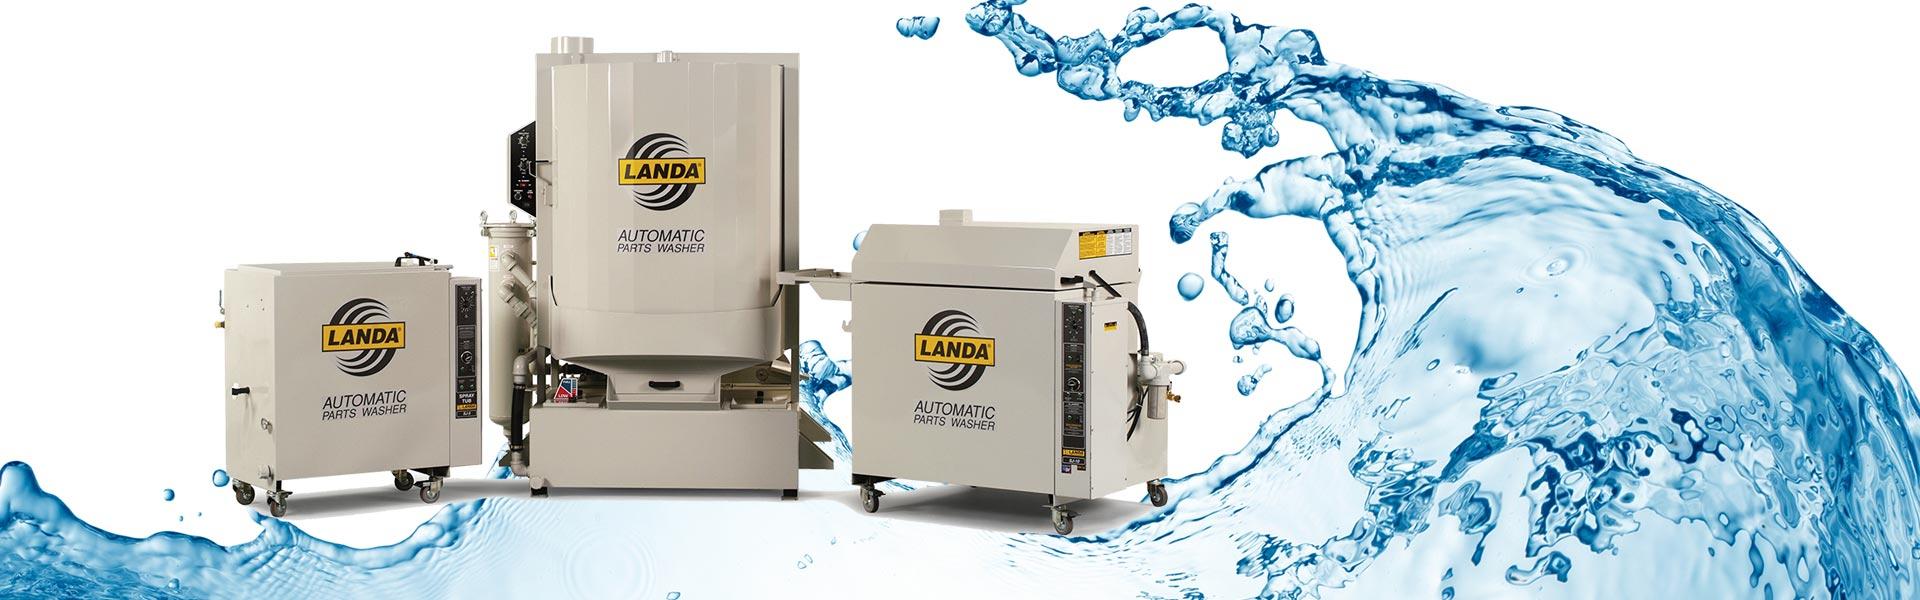 High Pressure Washer in New Brunswick NJ, Philadelphia, Toms River